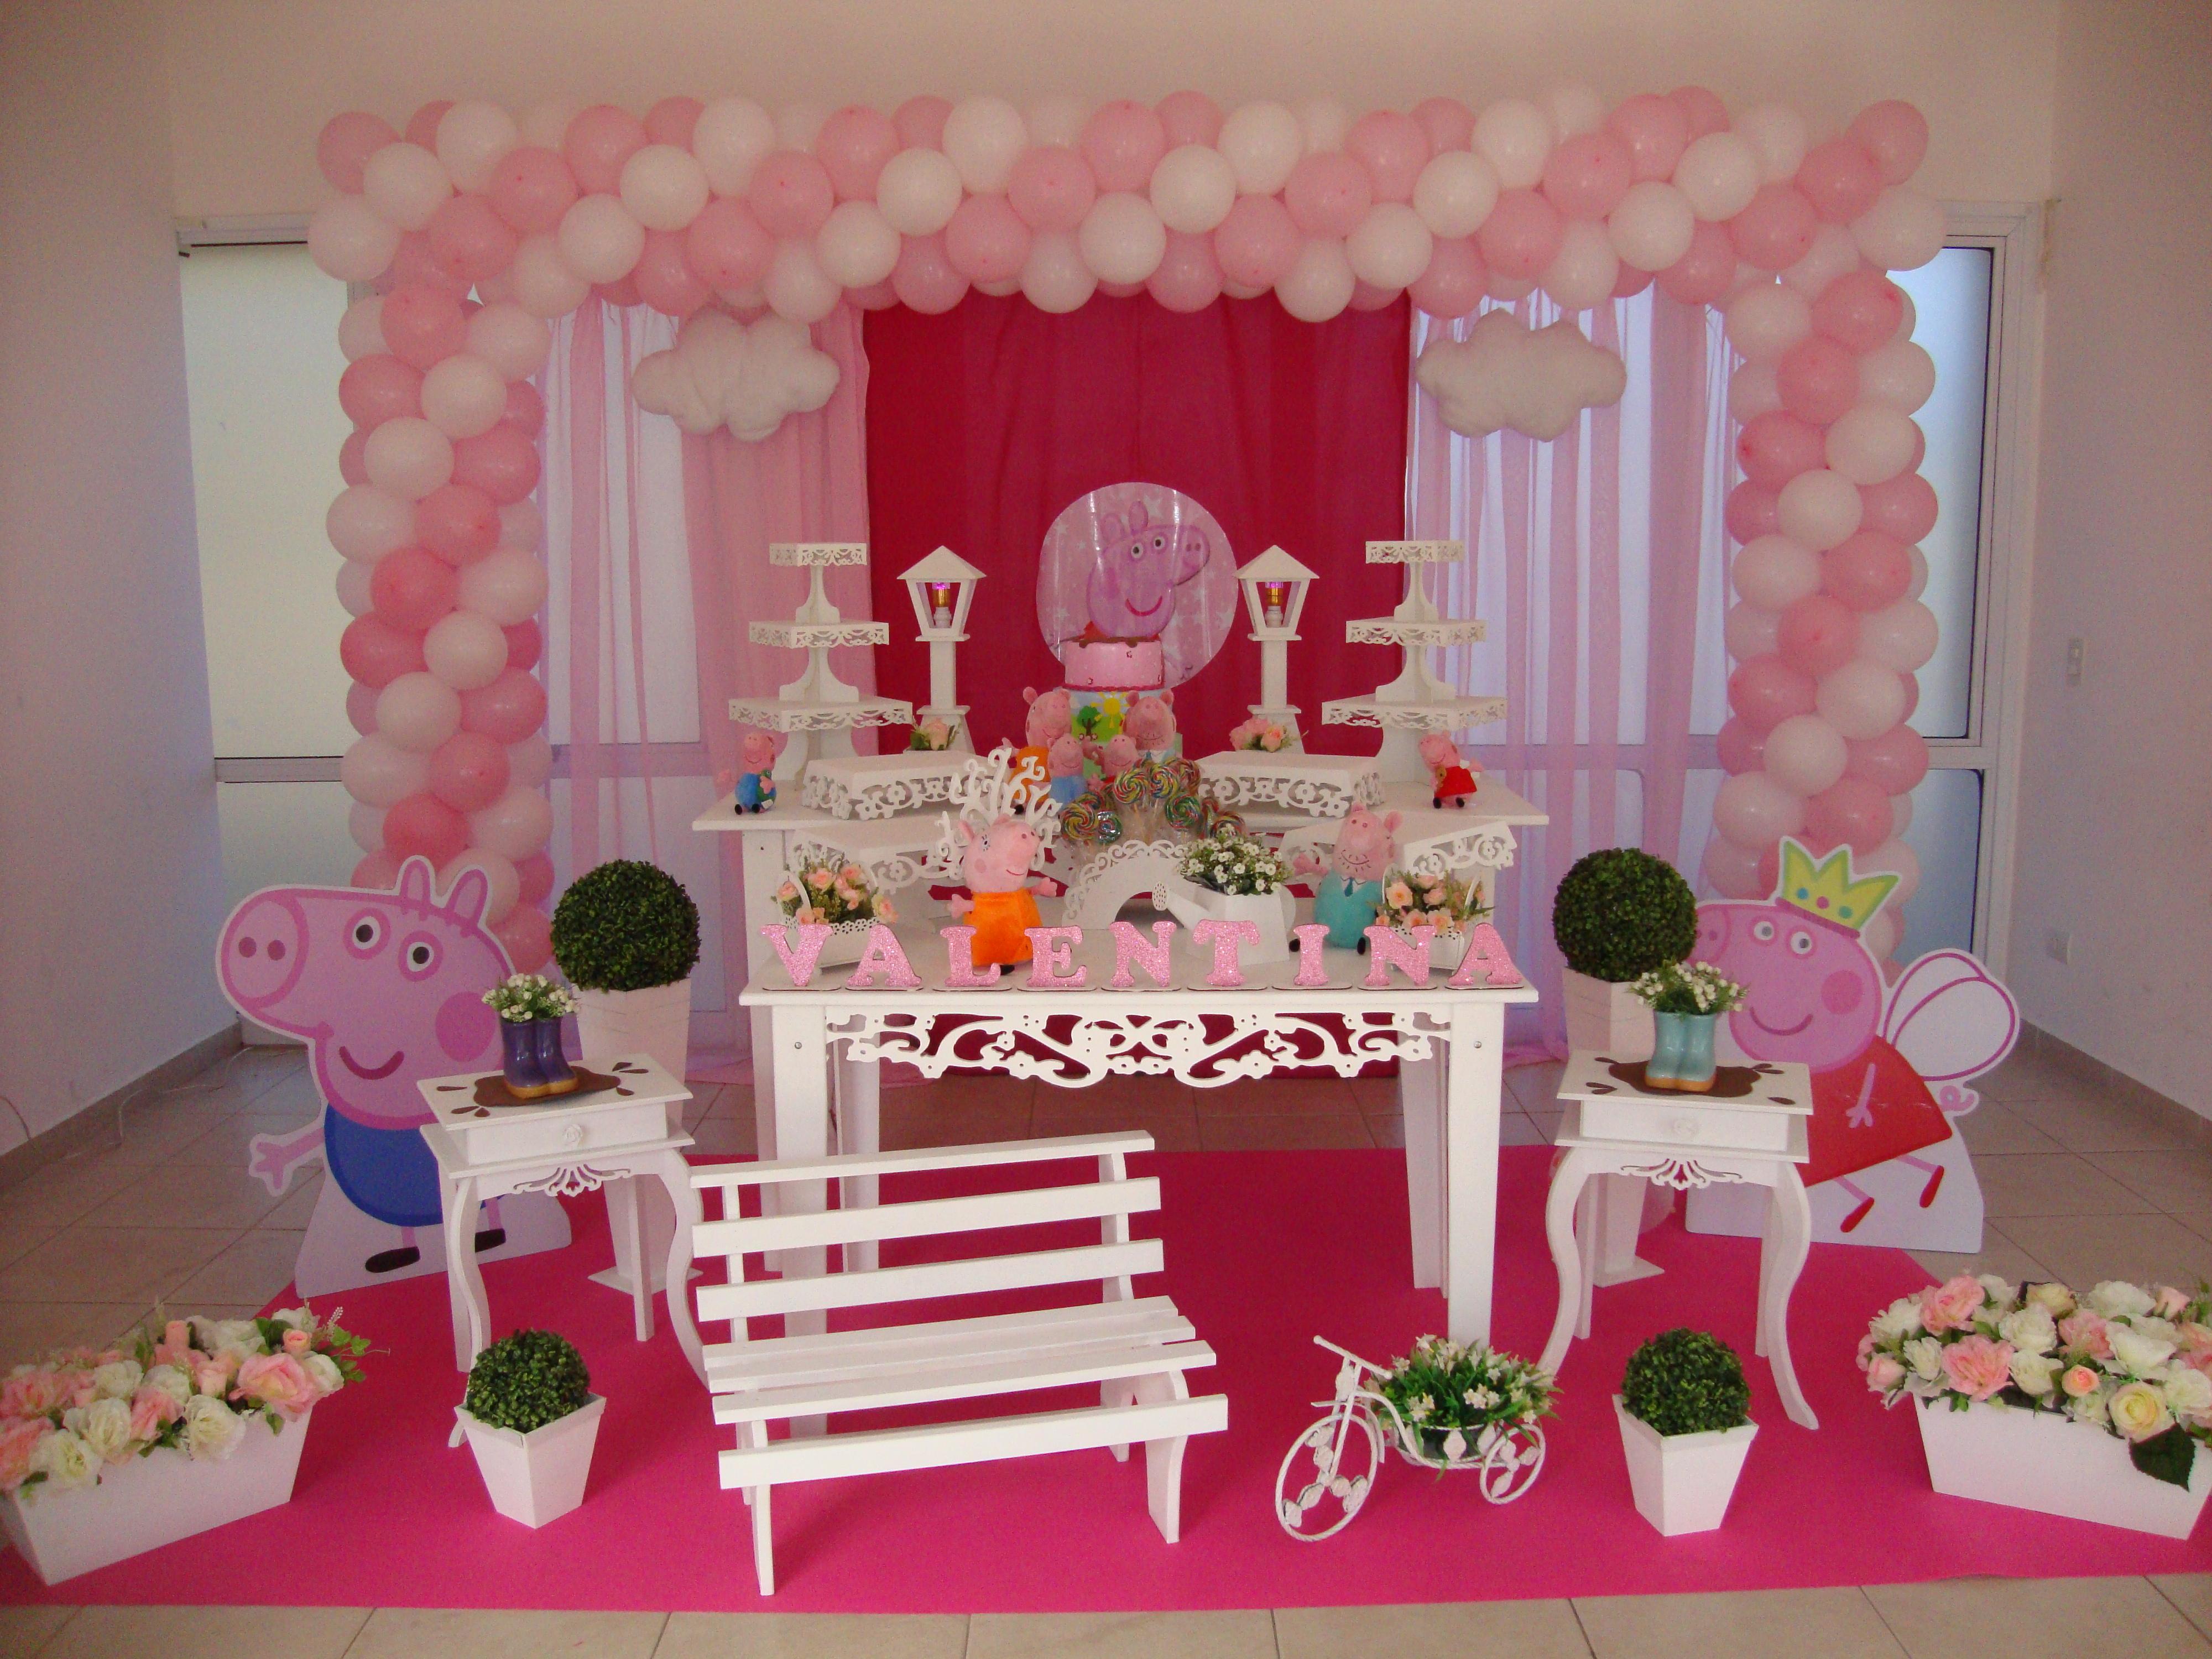 A porquinha mais amada das festas infantis: Peppa Pig! Esse tema caiu mesmo  no gosto infantil né? A criançada adora!! Festa lindinha com dec.